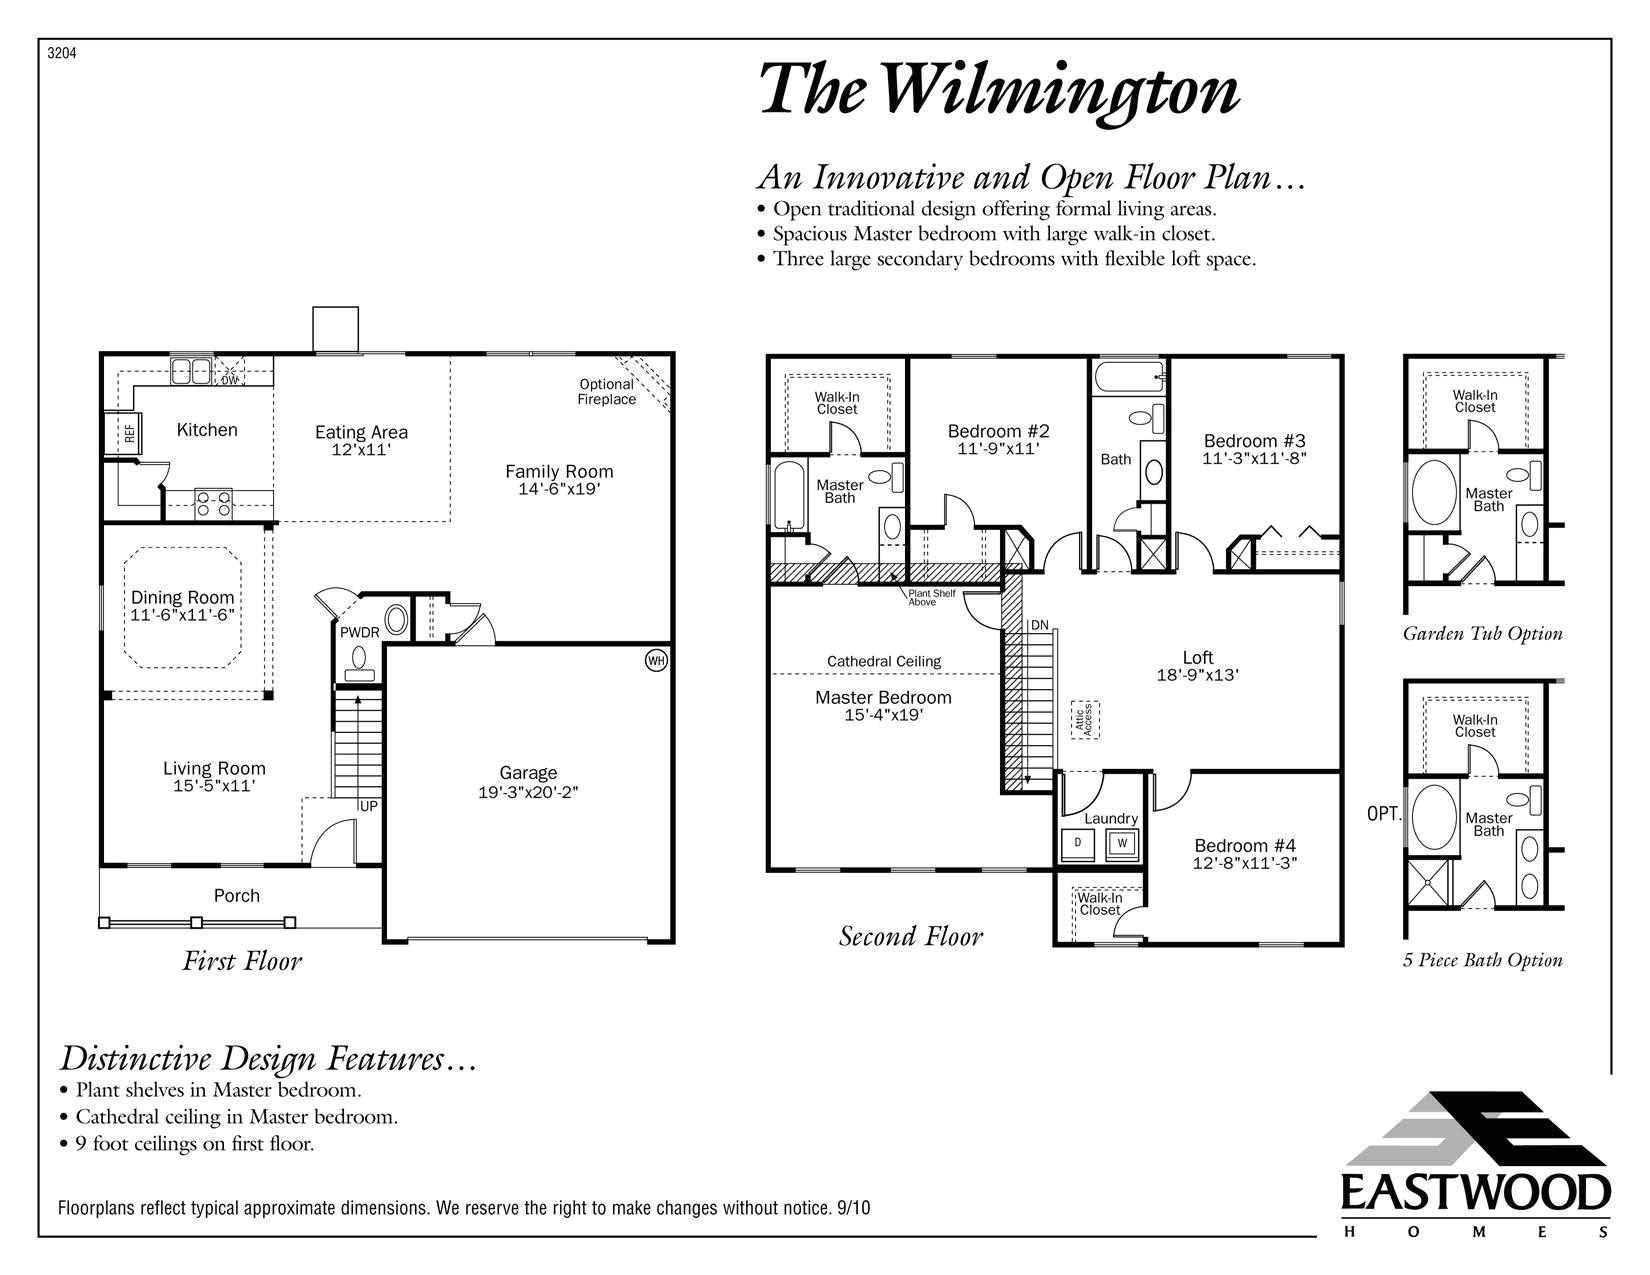 Eastwood Homes Cypress Floor Plan Eastwood Homes Floor Plans Greenville